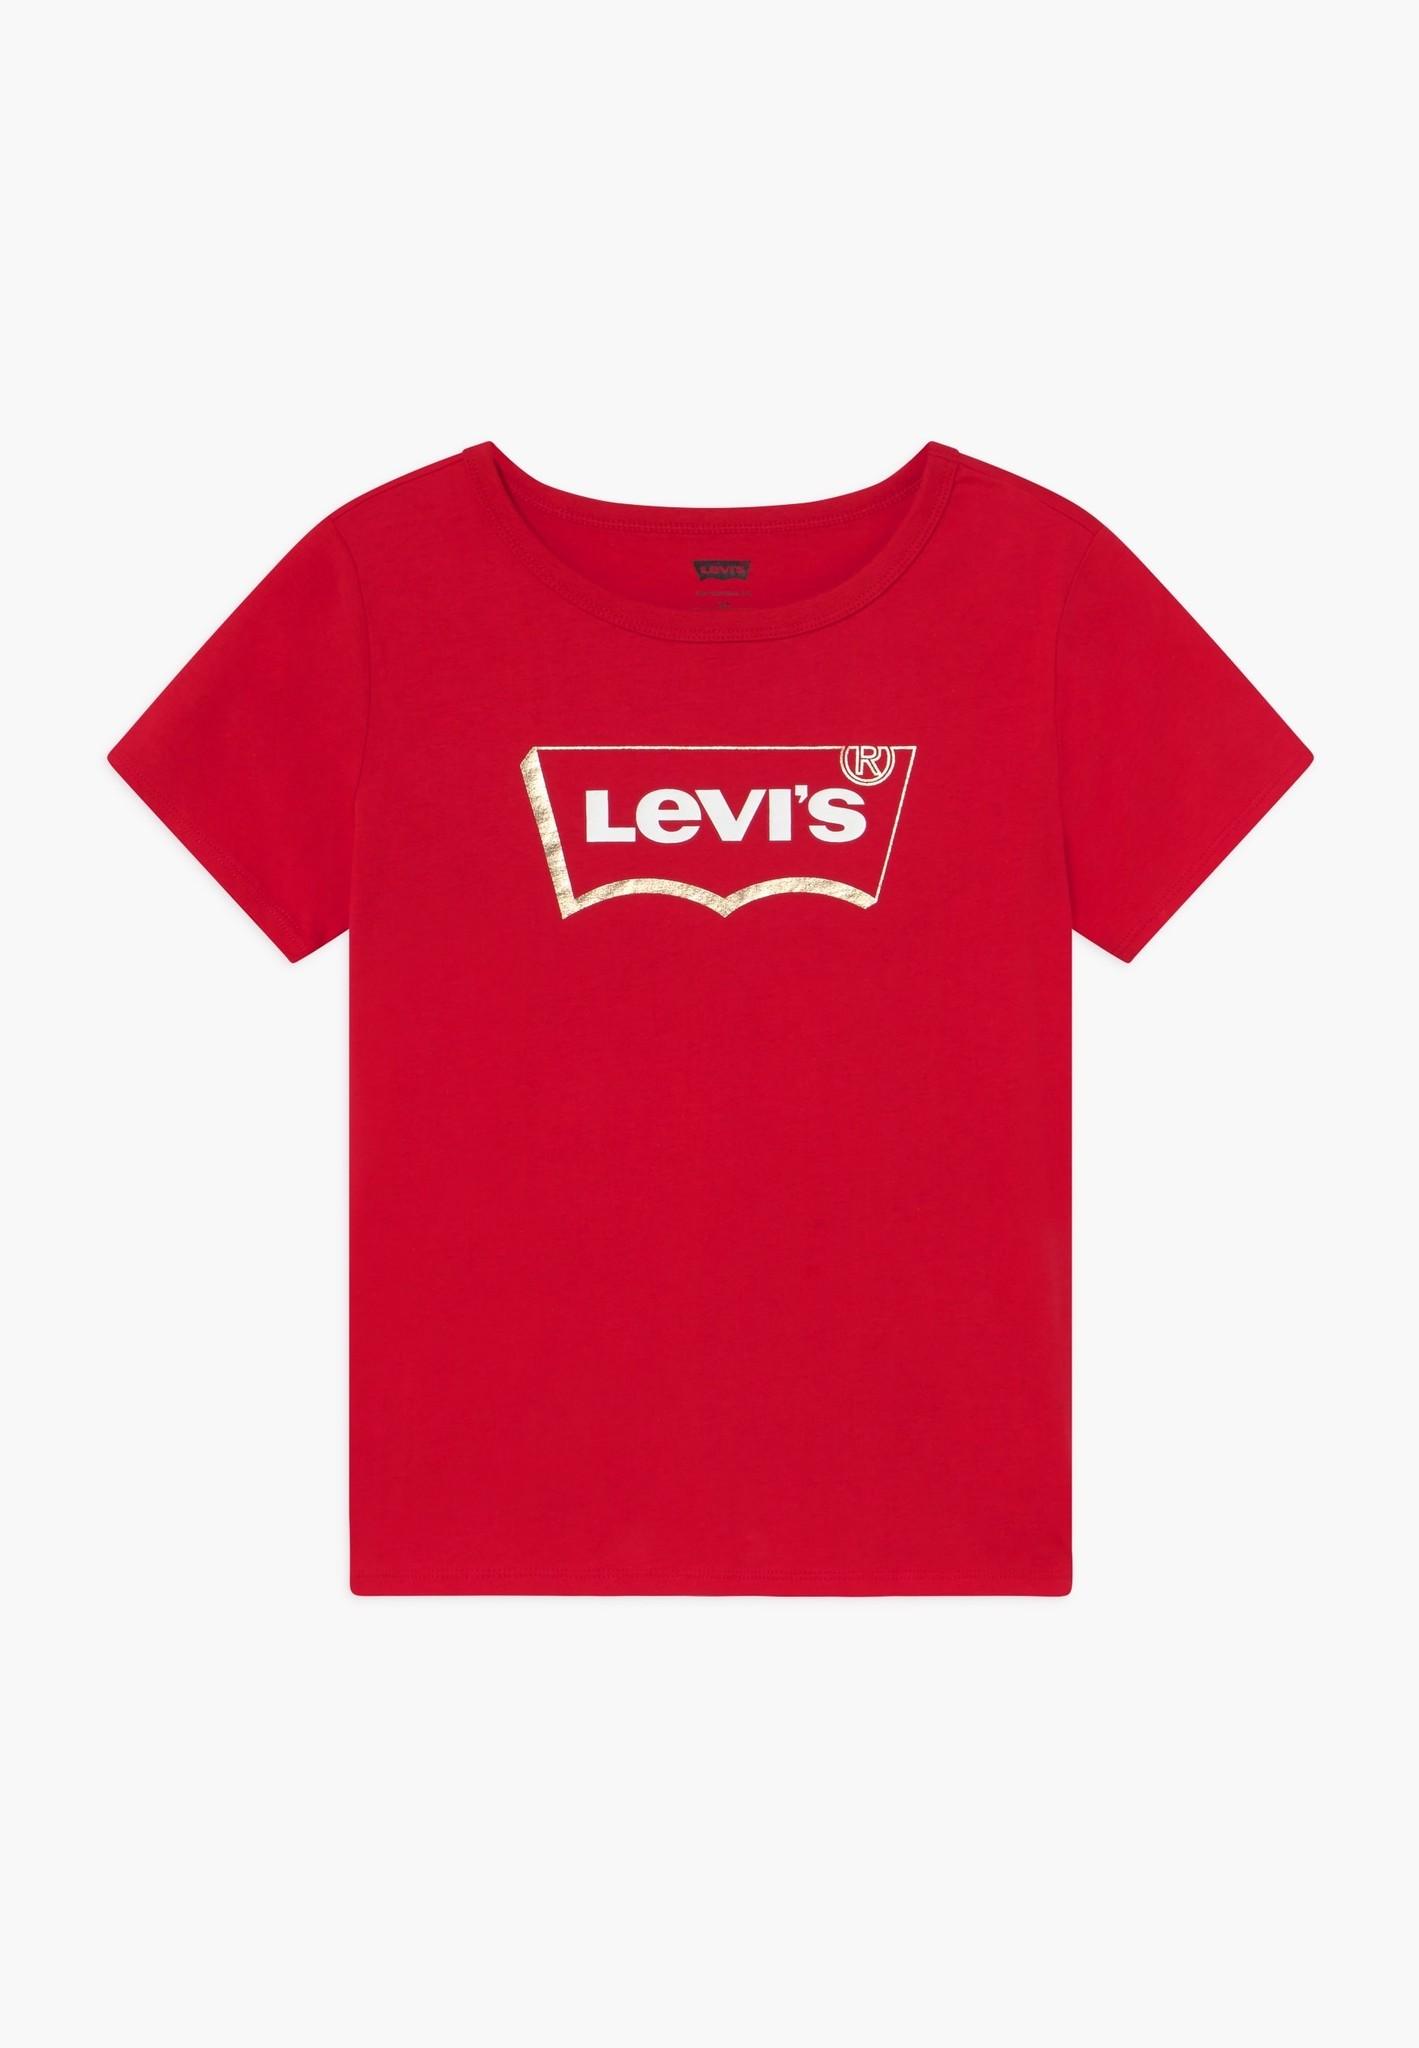 Levi's Graphic Tee